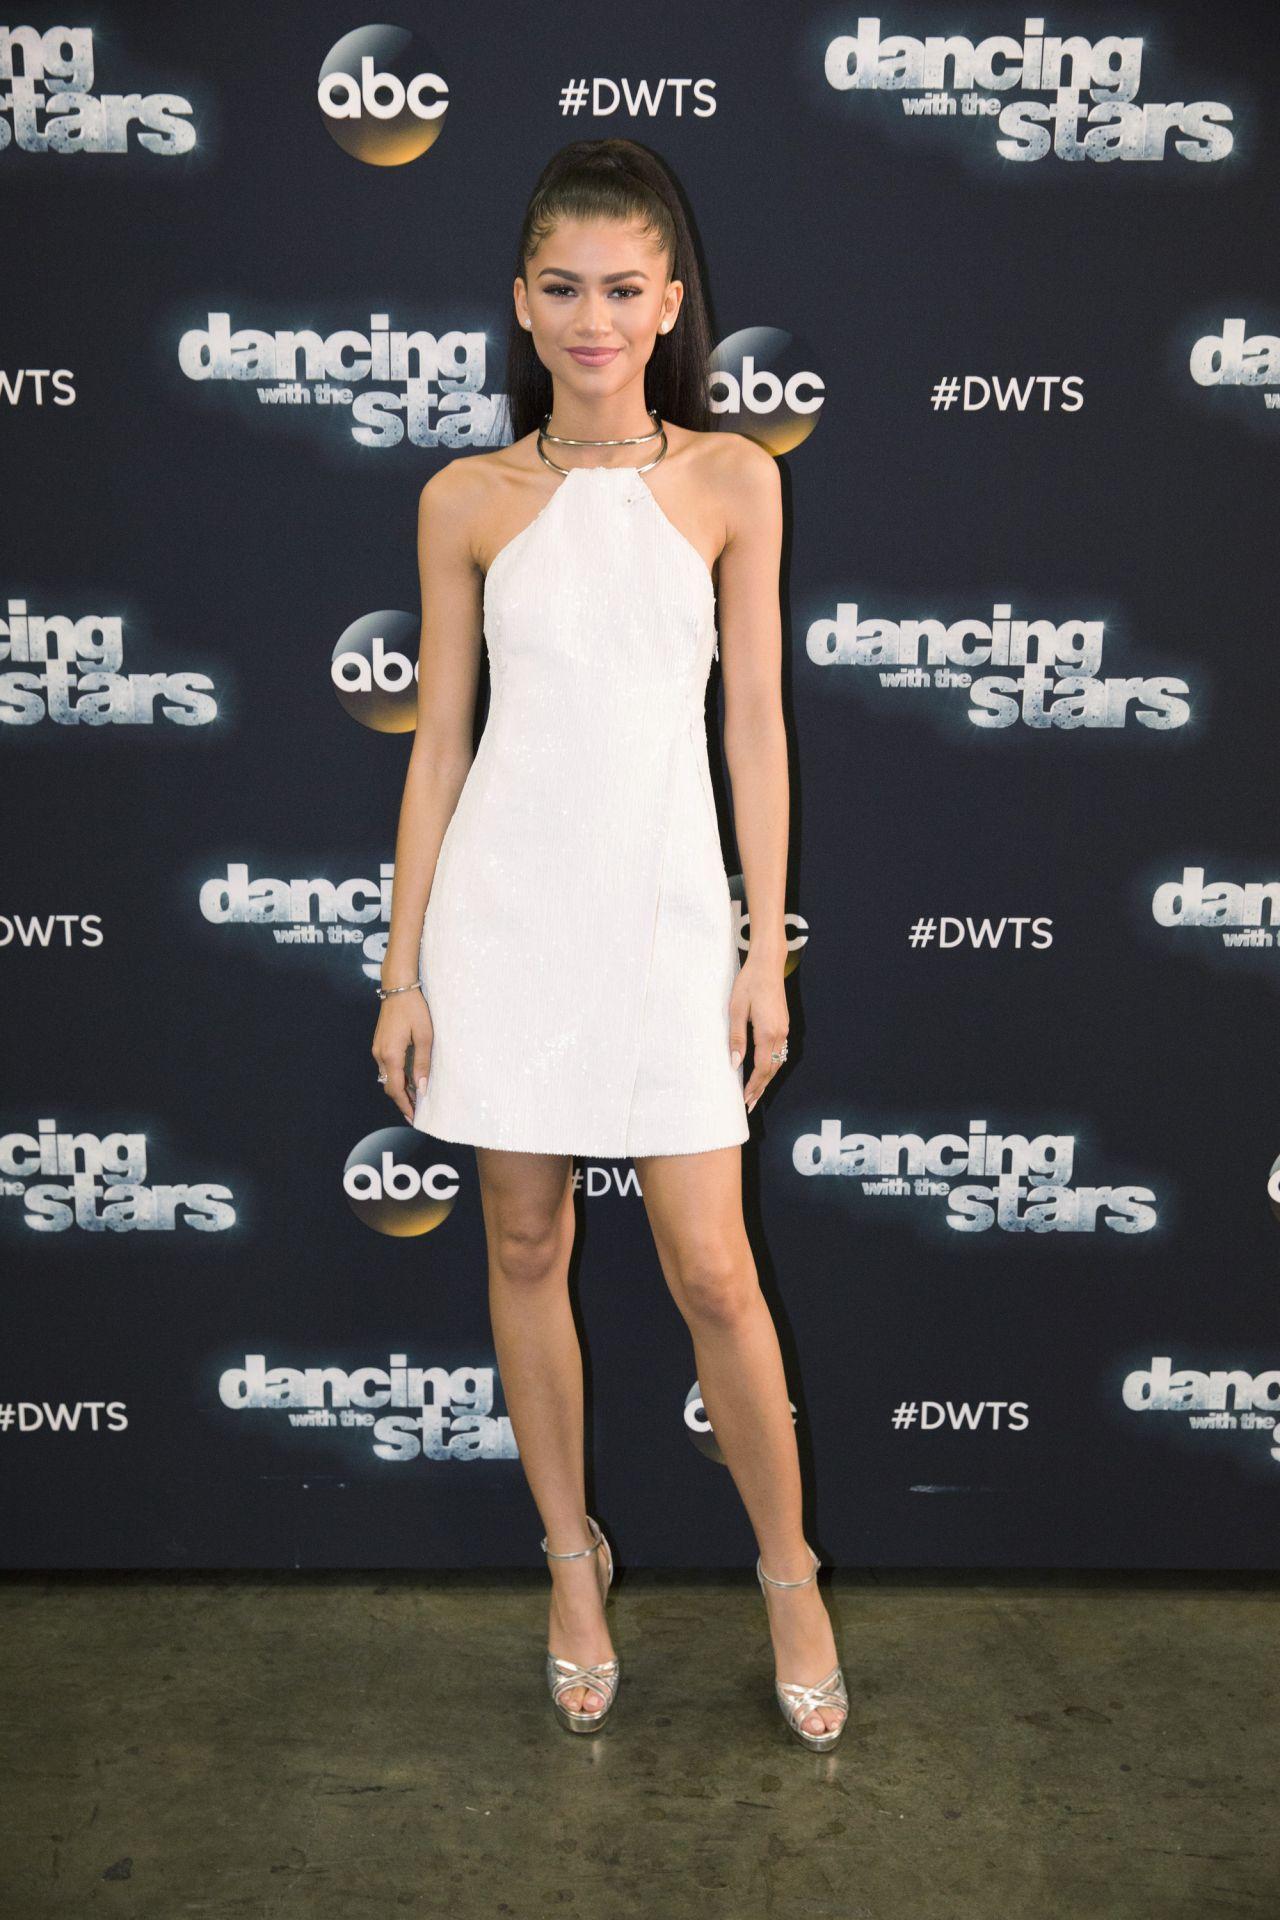 Zendaya Dancing With The Stars Outfit Zendaya Coleman...